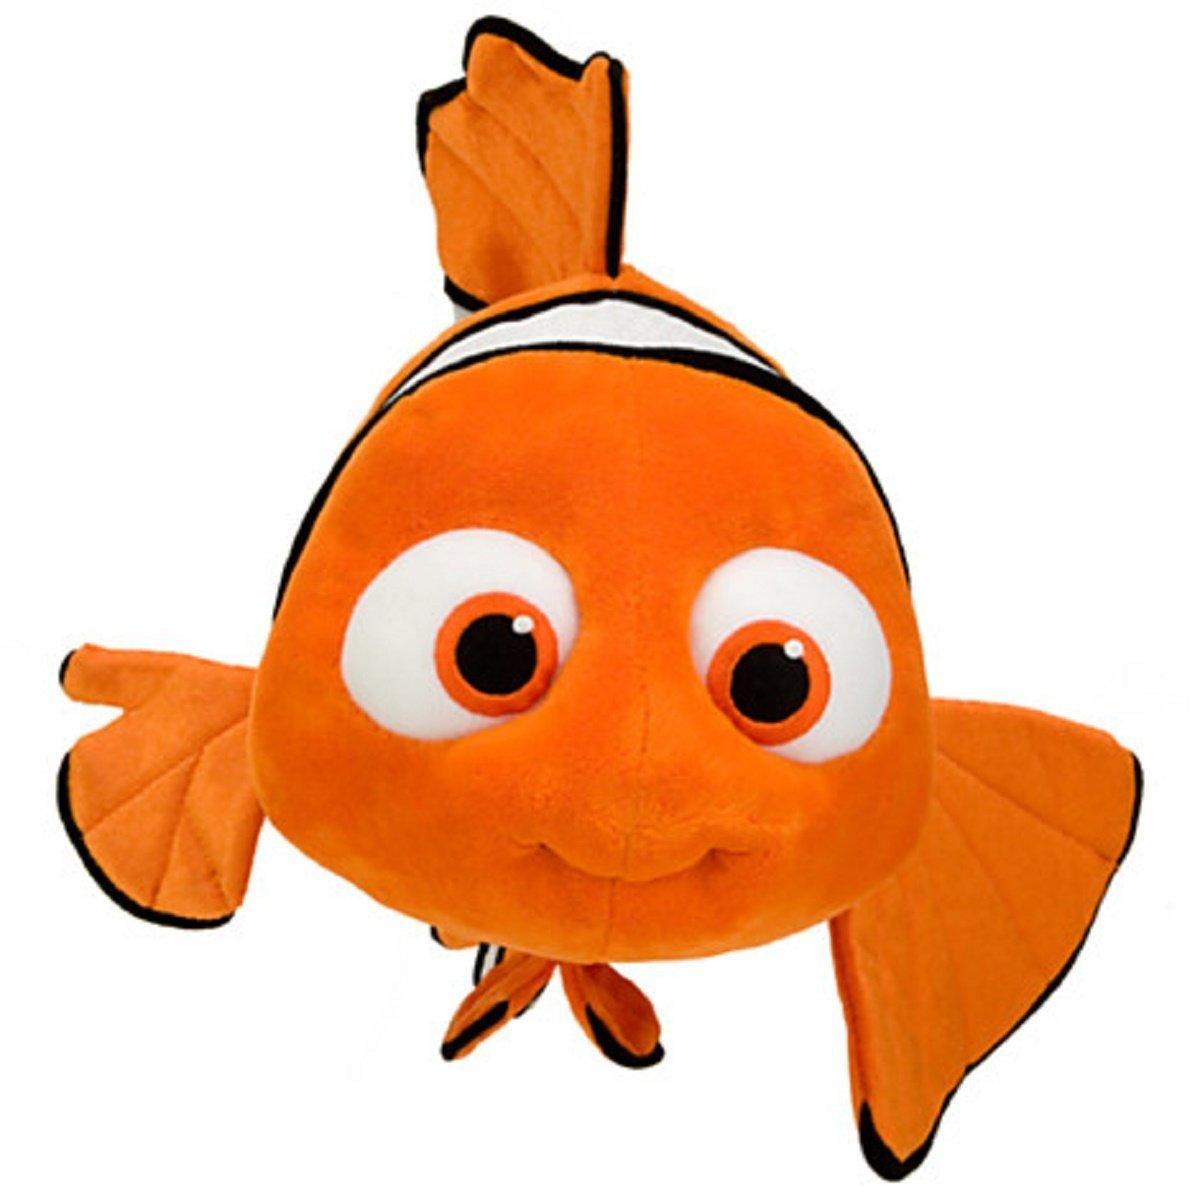 Disney Finding Nemo 16 Nemo Plush Disney by Disney: Amazon.es: Juguetes y juegos